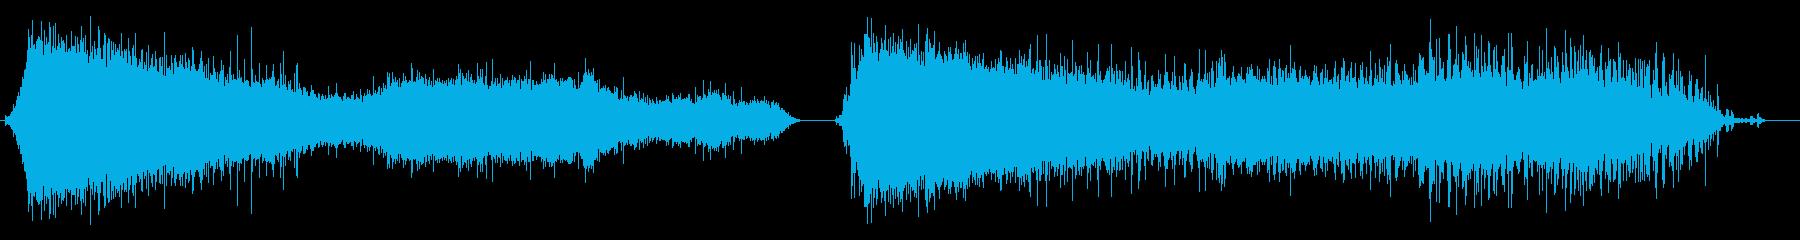 拍手、処理済み、2バージョン; D...の再生済みの波形